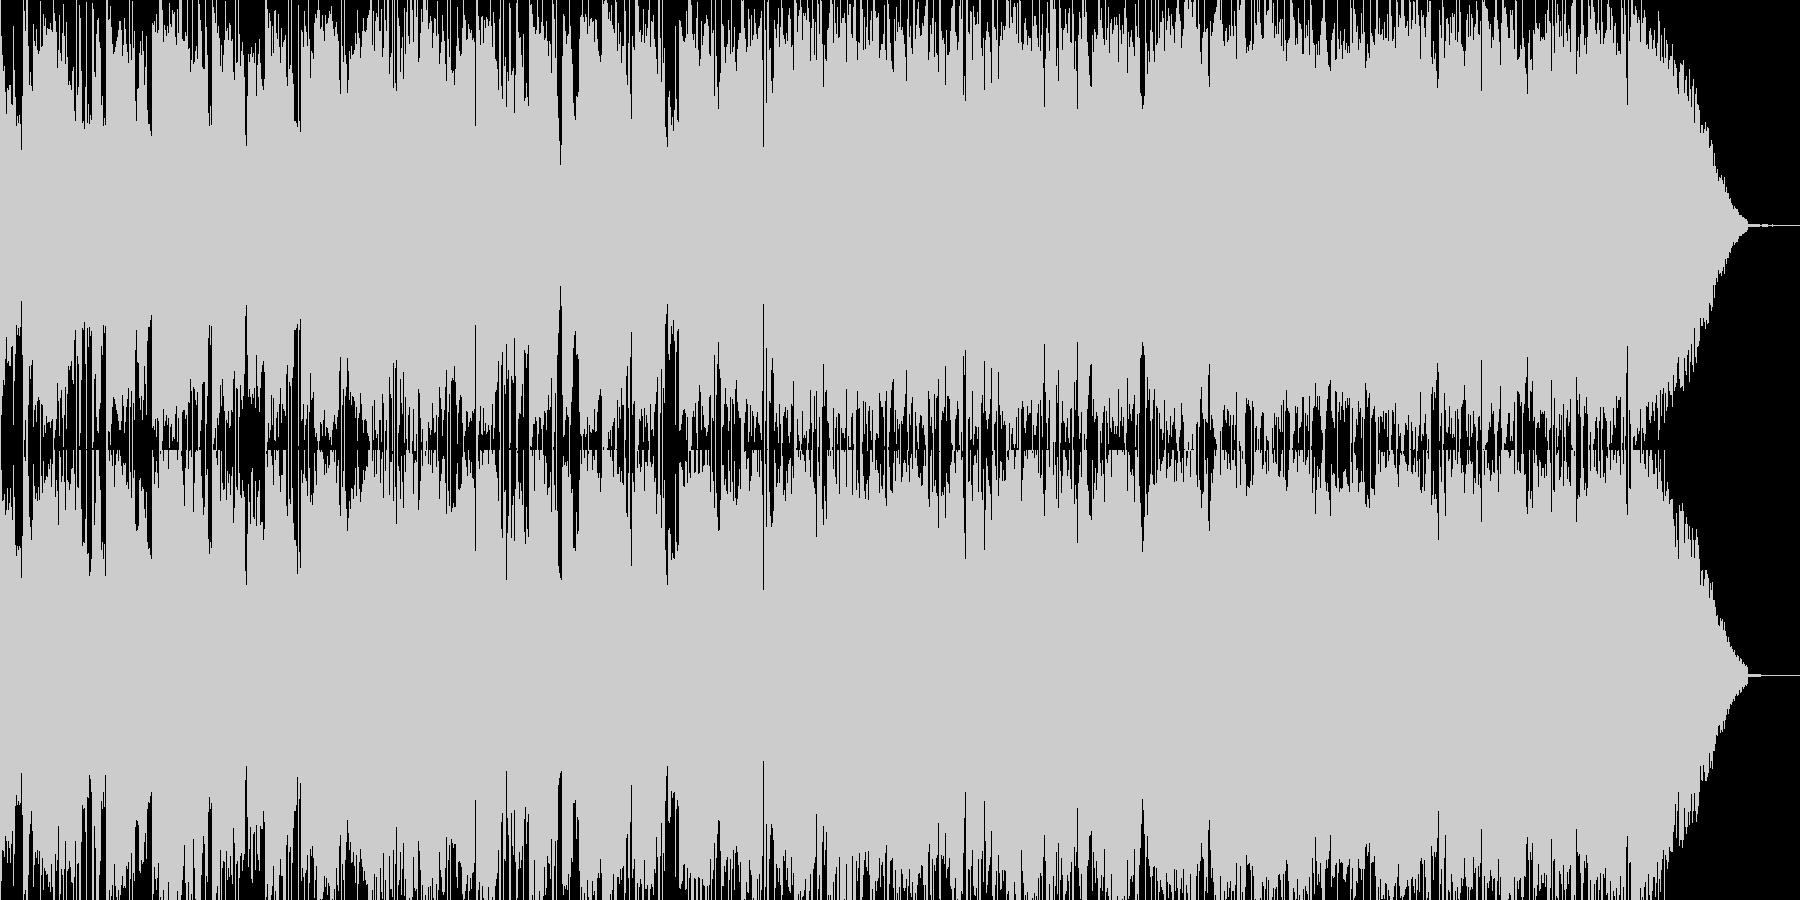 ギターインストの小品の未再生の波形